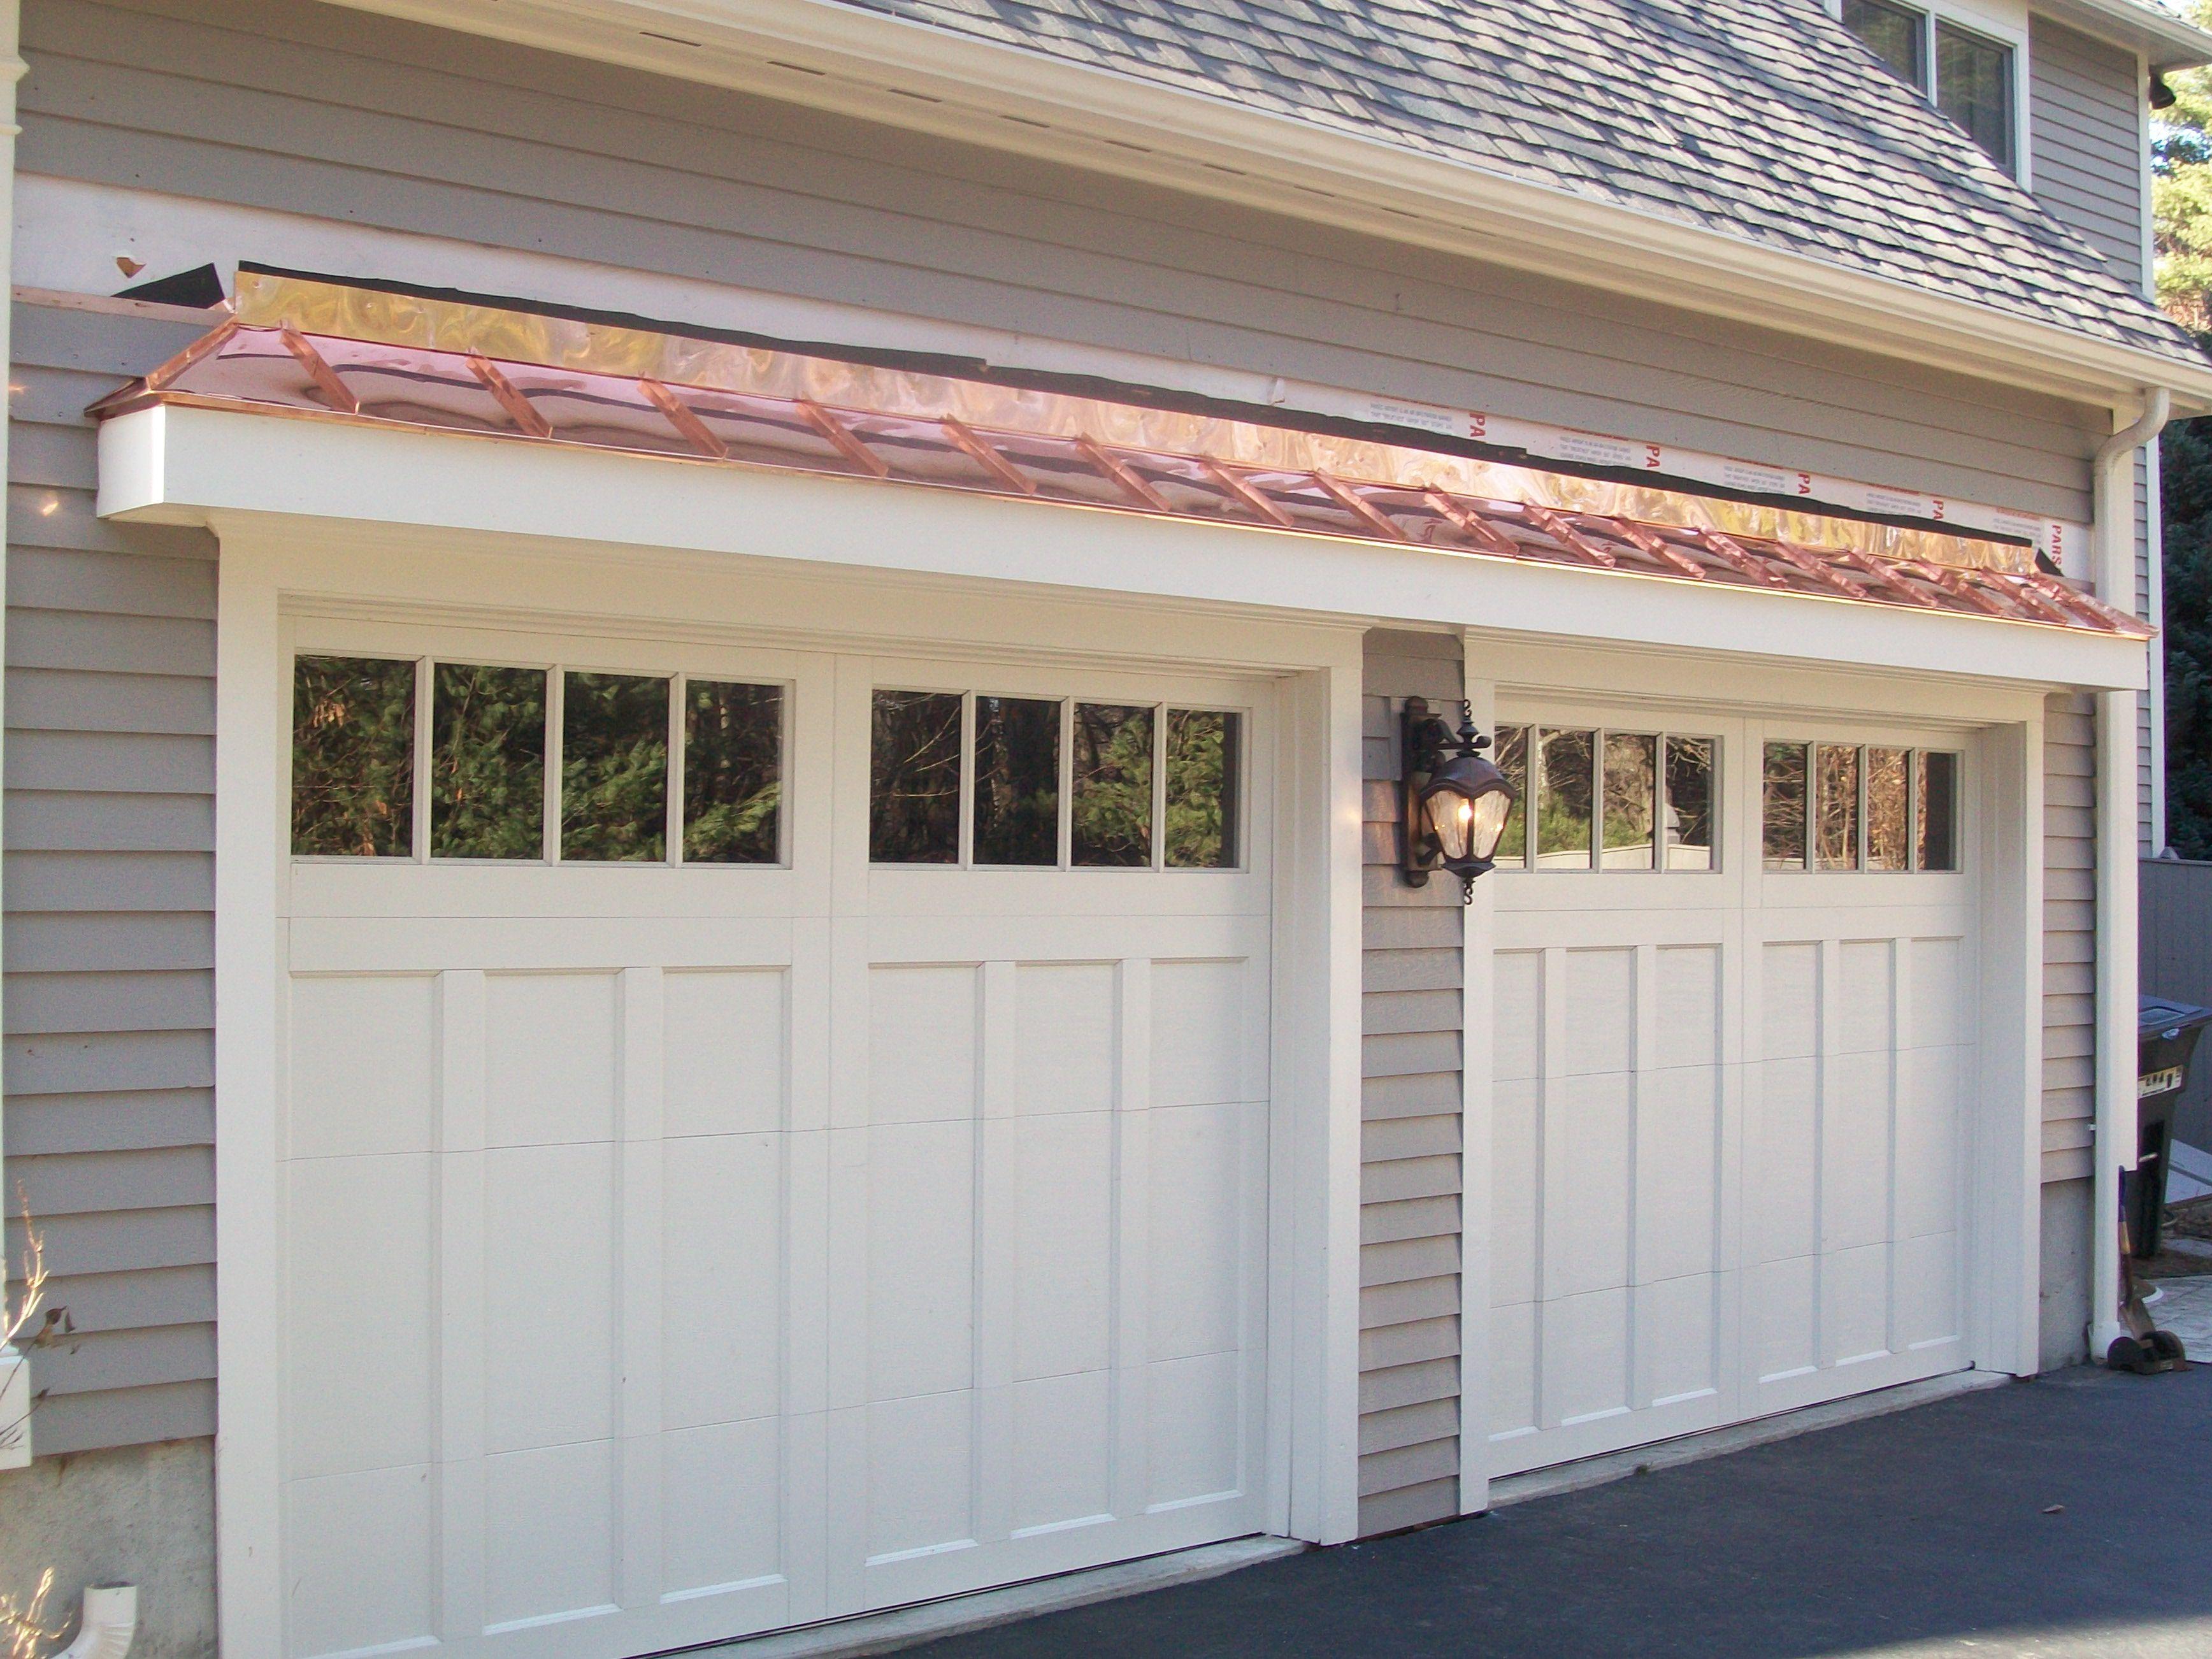 Copper Elements Garage Door Styles Garage Door Design Carriage Style Garage Doors